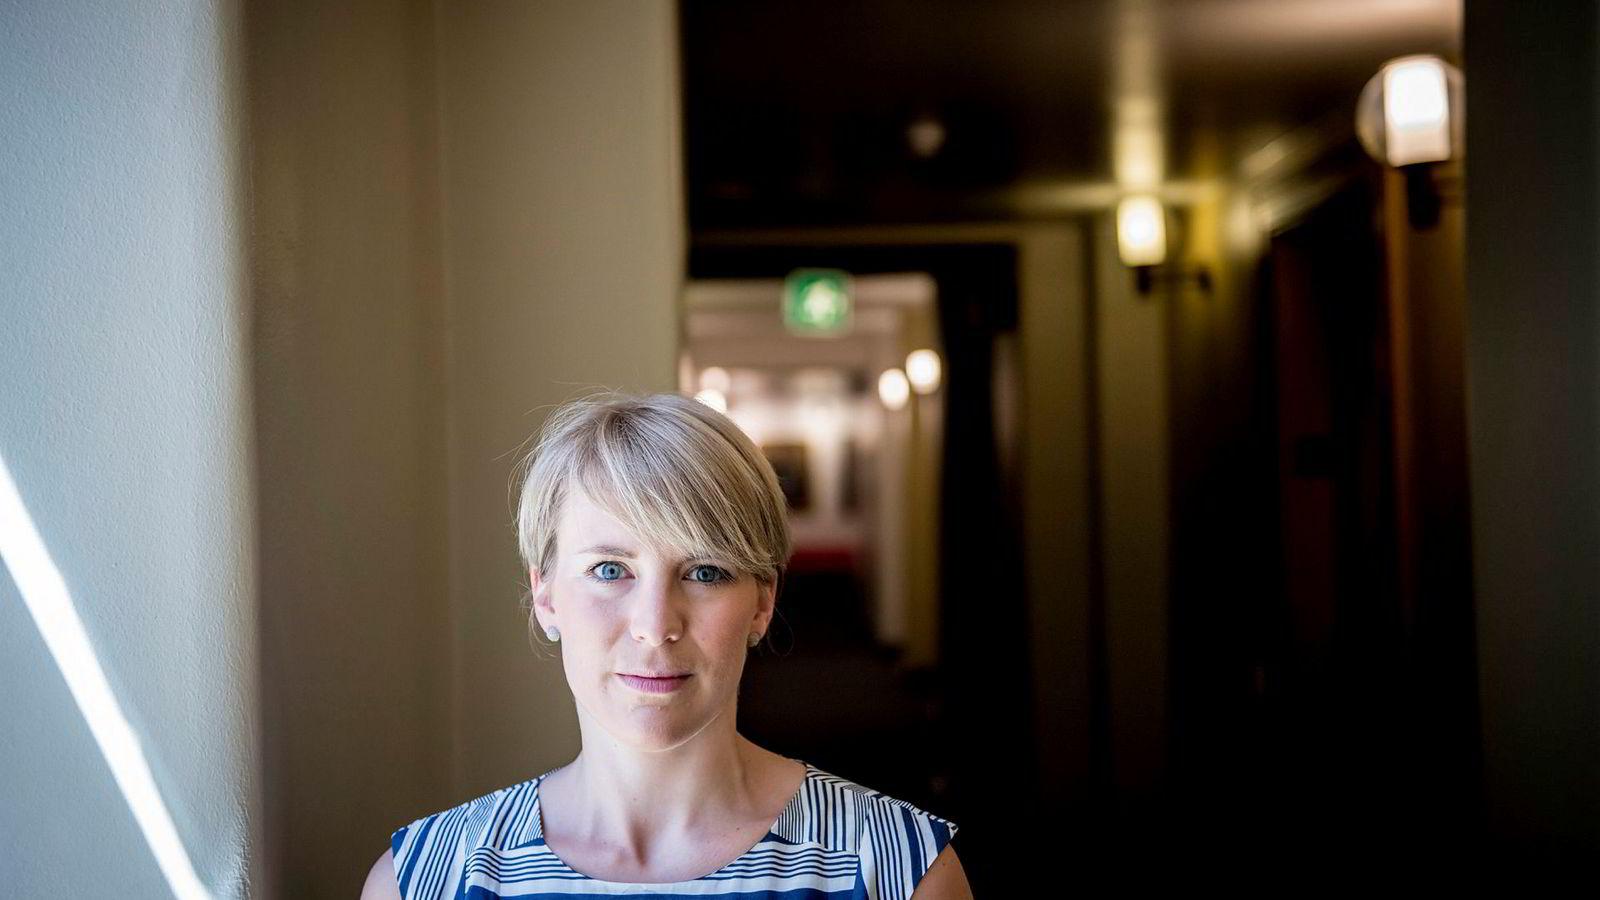 – Kommunene har ikke hentet inn eiendomsskatt for moro skyld, sier Kari Elisabeth Kaski (SV).